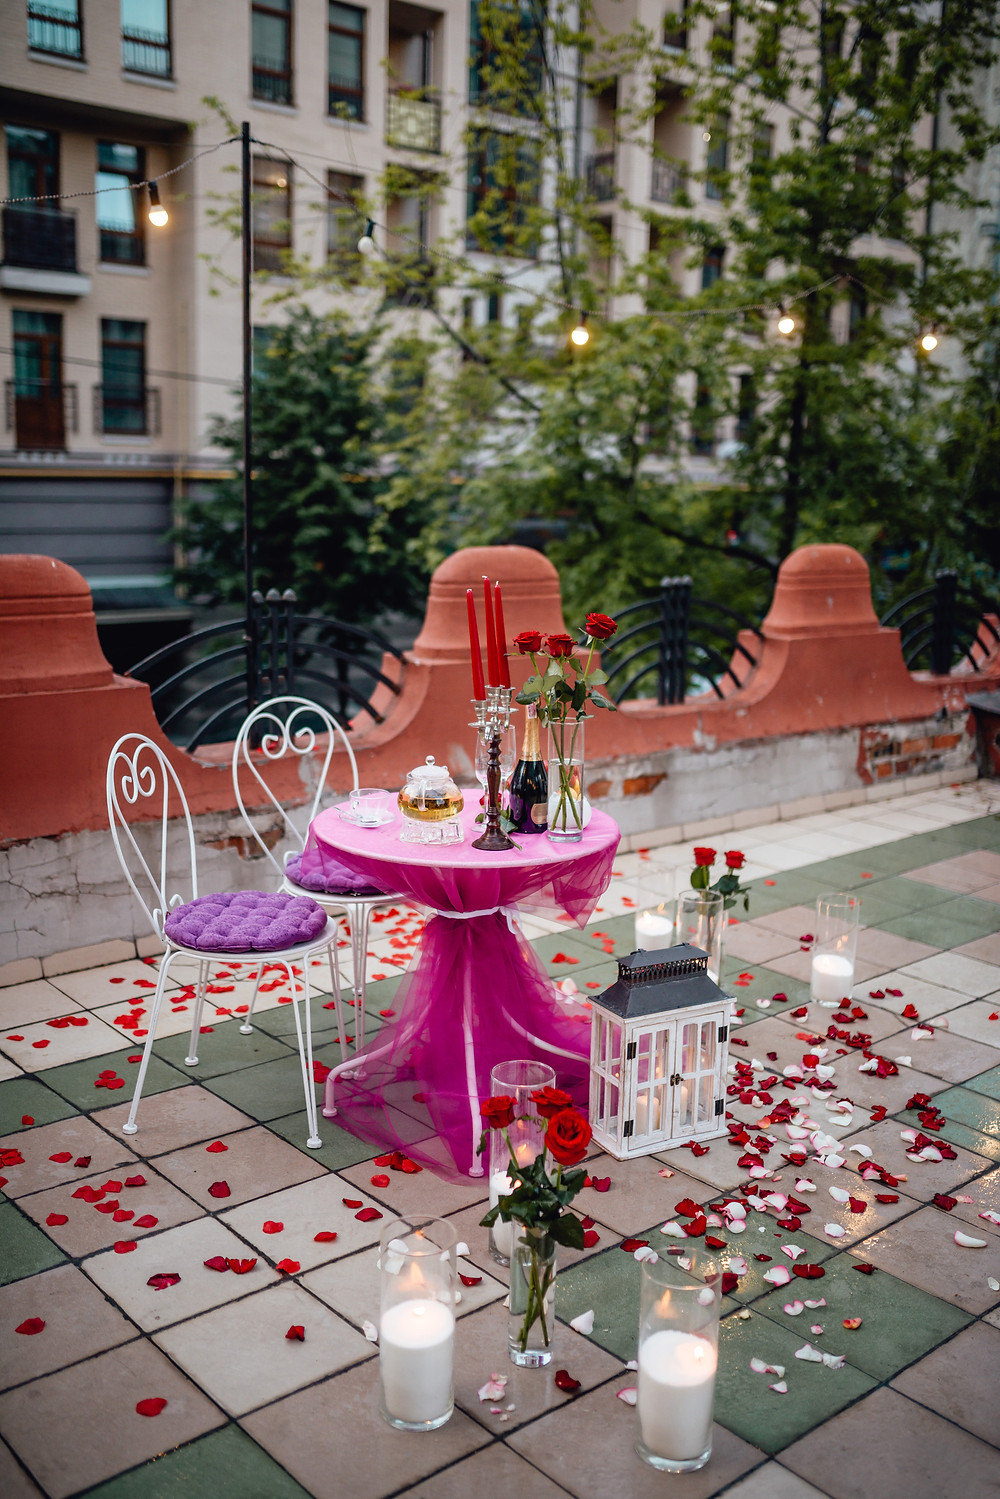 Романтический ужин на террасе малого драматического театра от Альтечо, Киев